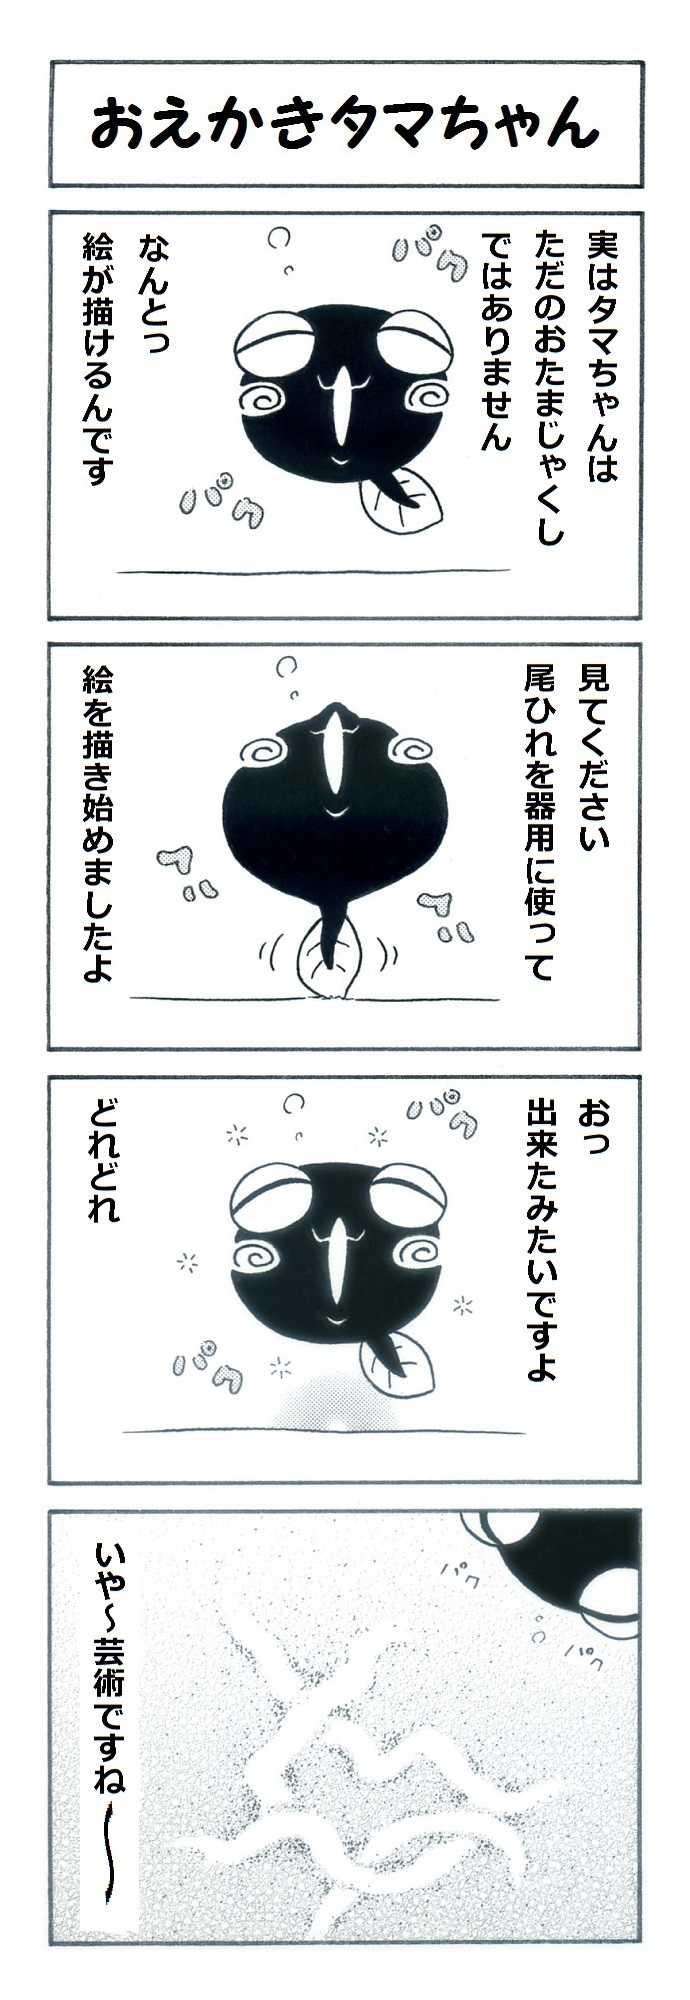 タマちゃん日和